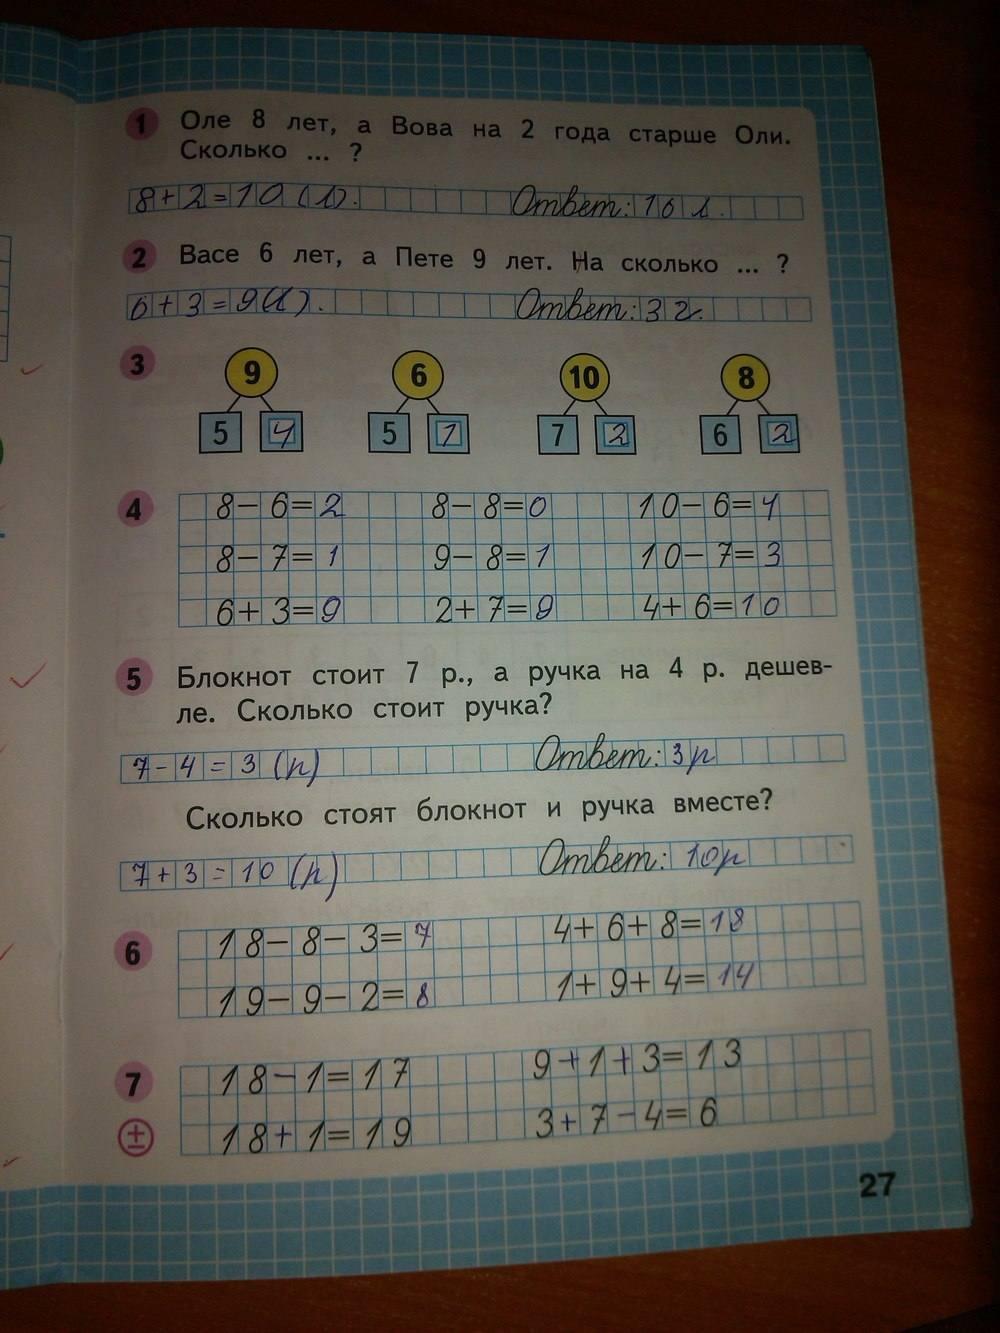 Часть 2 по математике гдз класса 2 моро тетрадь